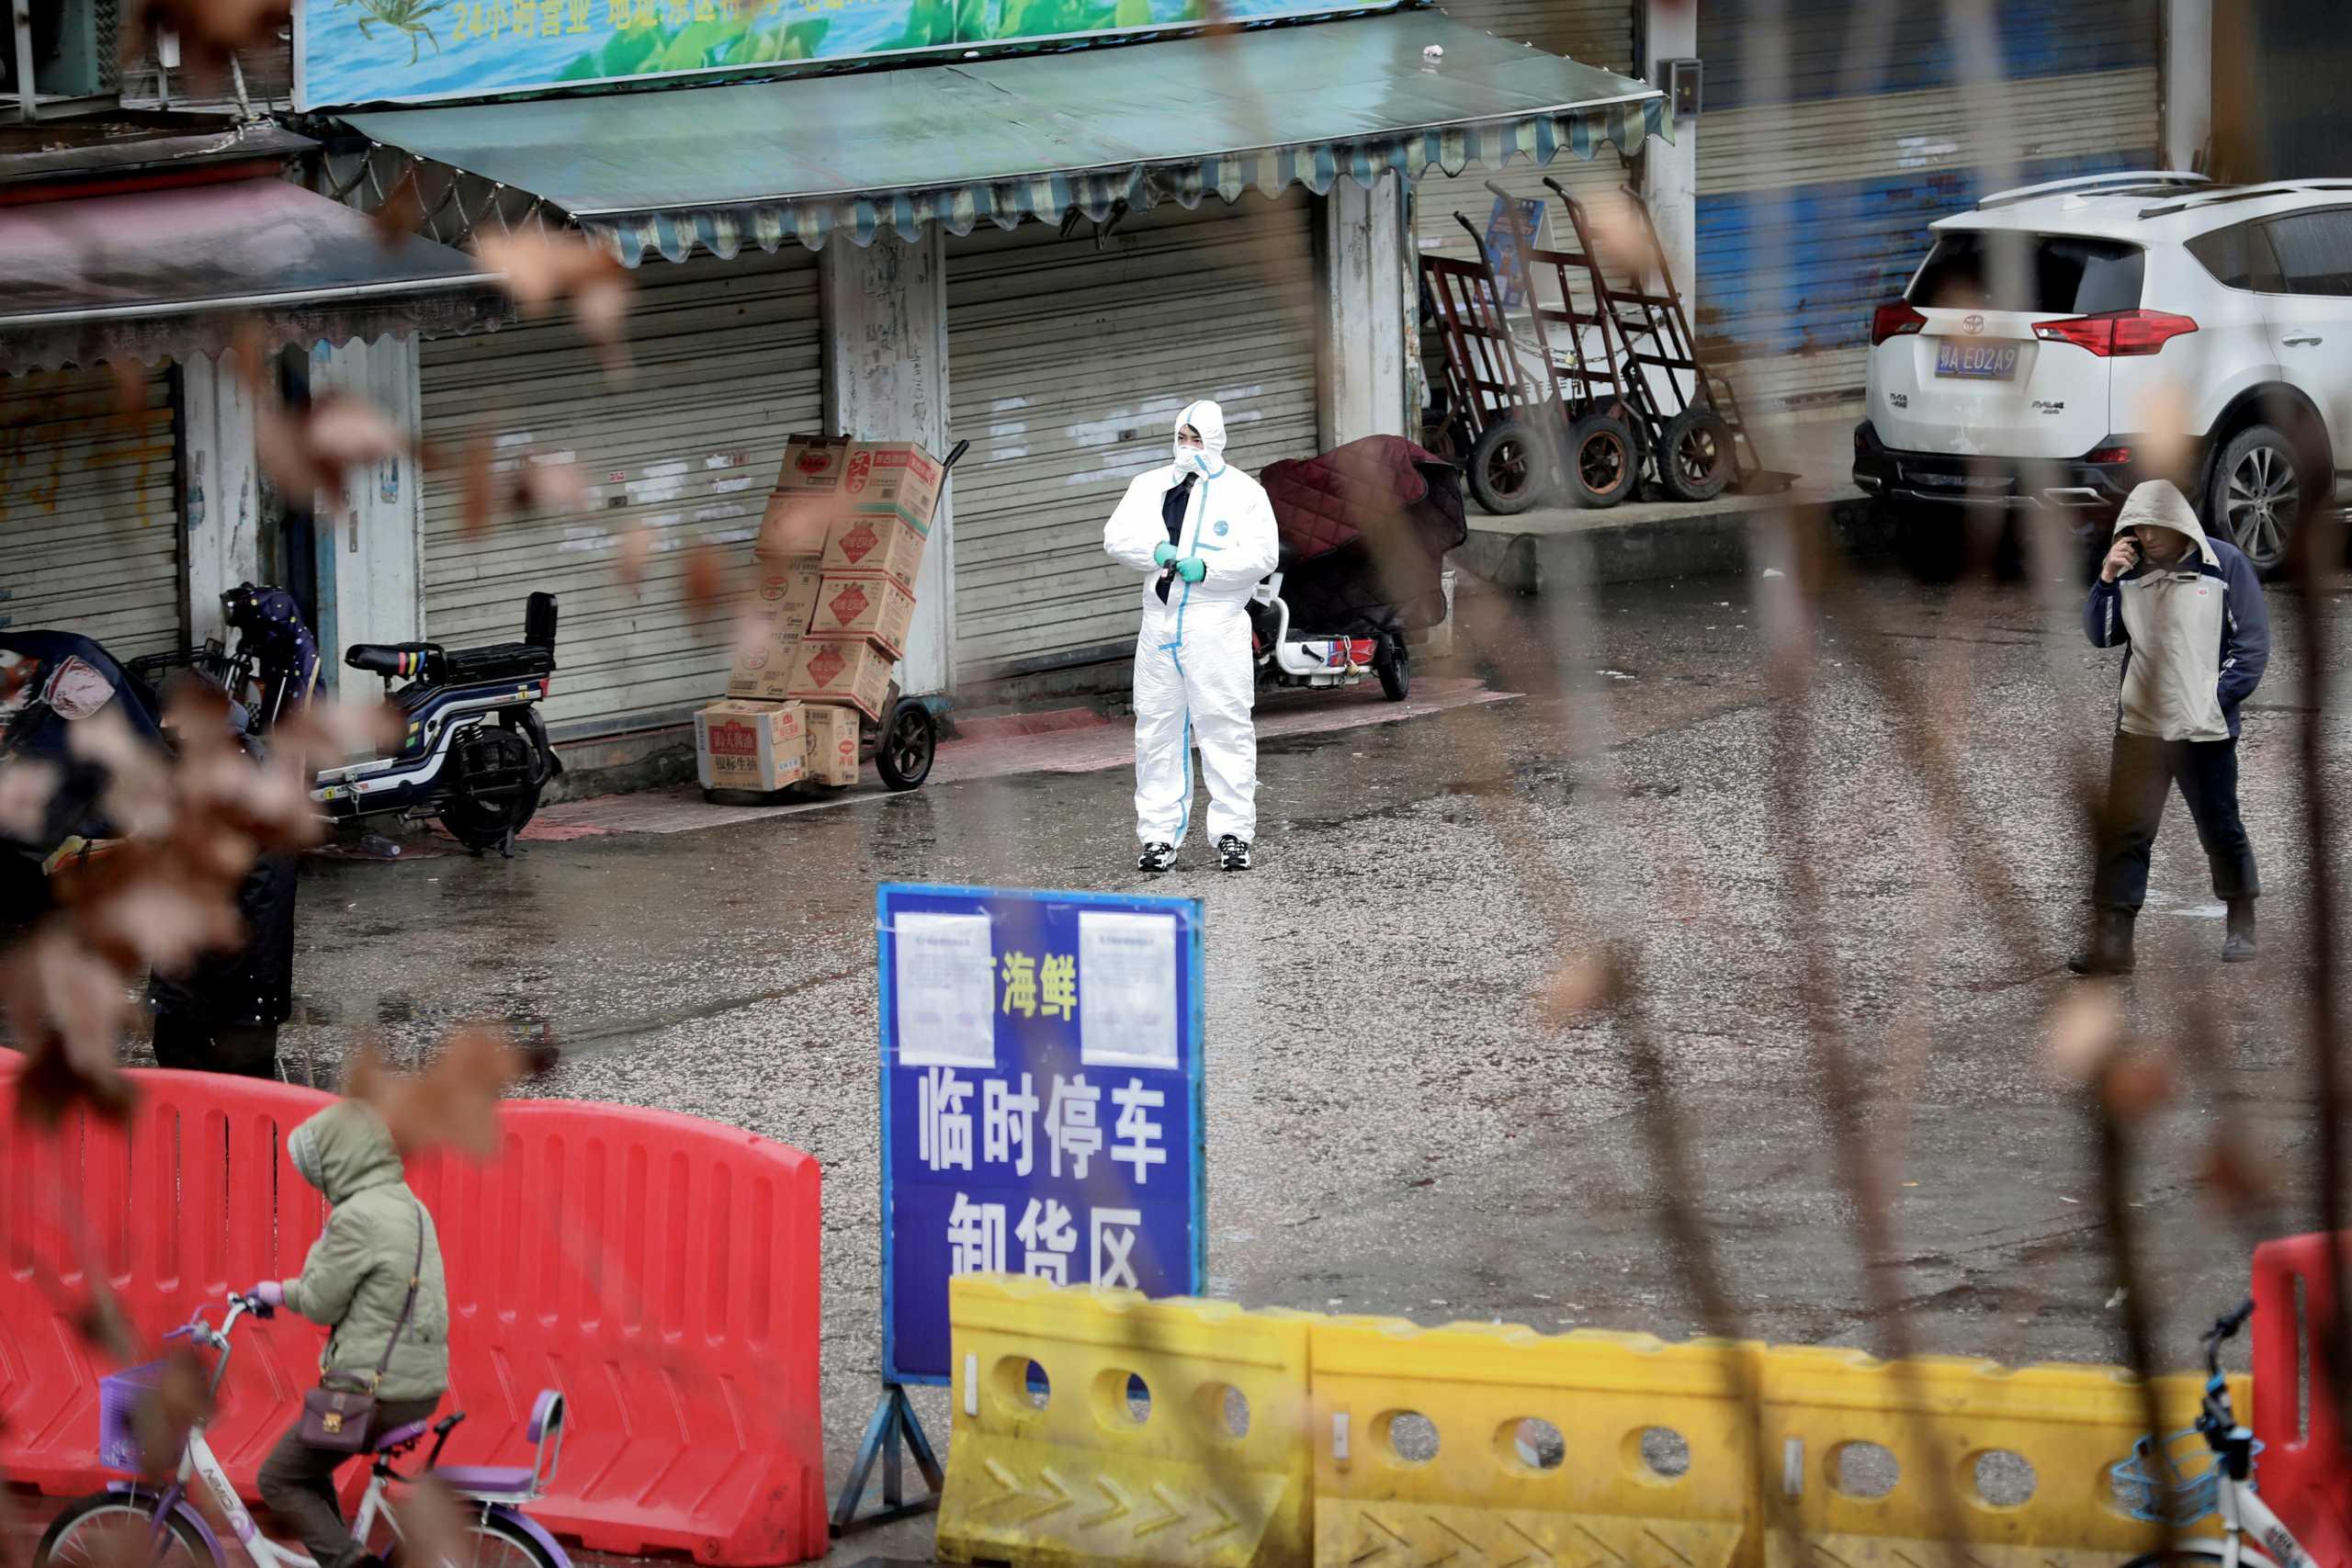 Κορονοϊός: Την Πέμπτη ξεκινά τελικά η έρευνα του ΠΟΥ στην Κίνα για την πανδημία